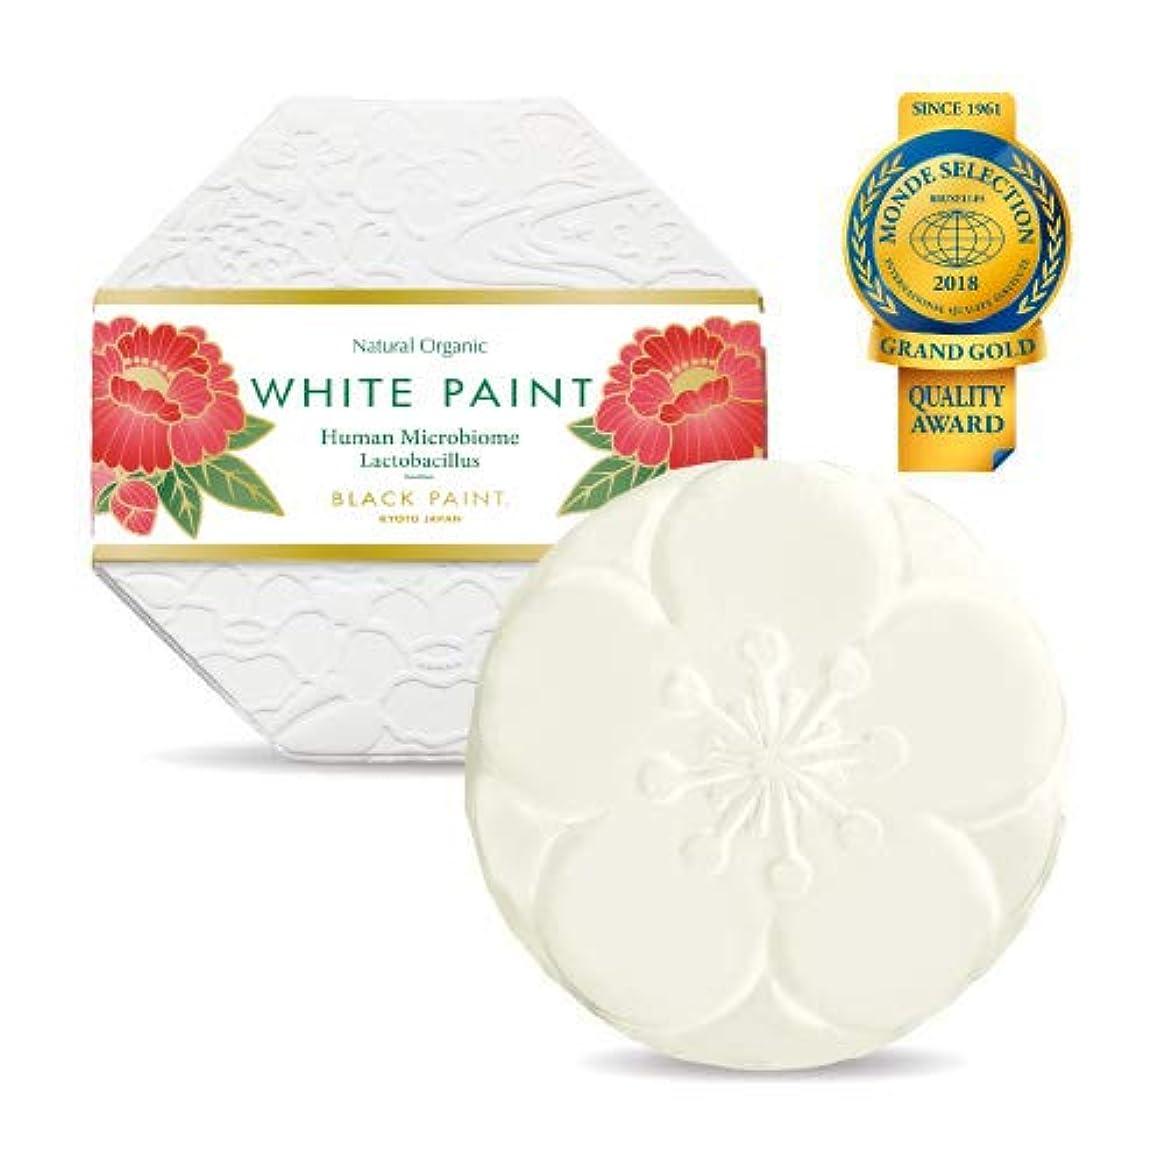 クラシカル版エールプレミアム ホワイトペイント 120g 塗る洗顔 石鹸 無添加 国産 …